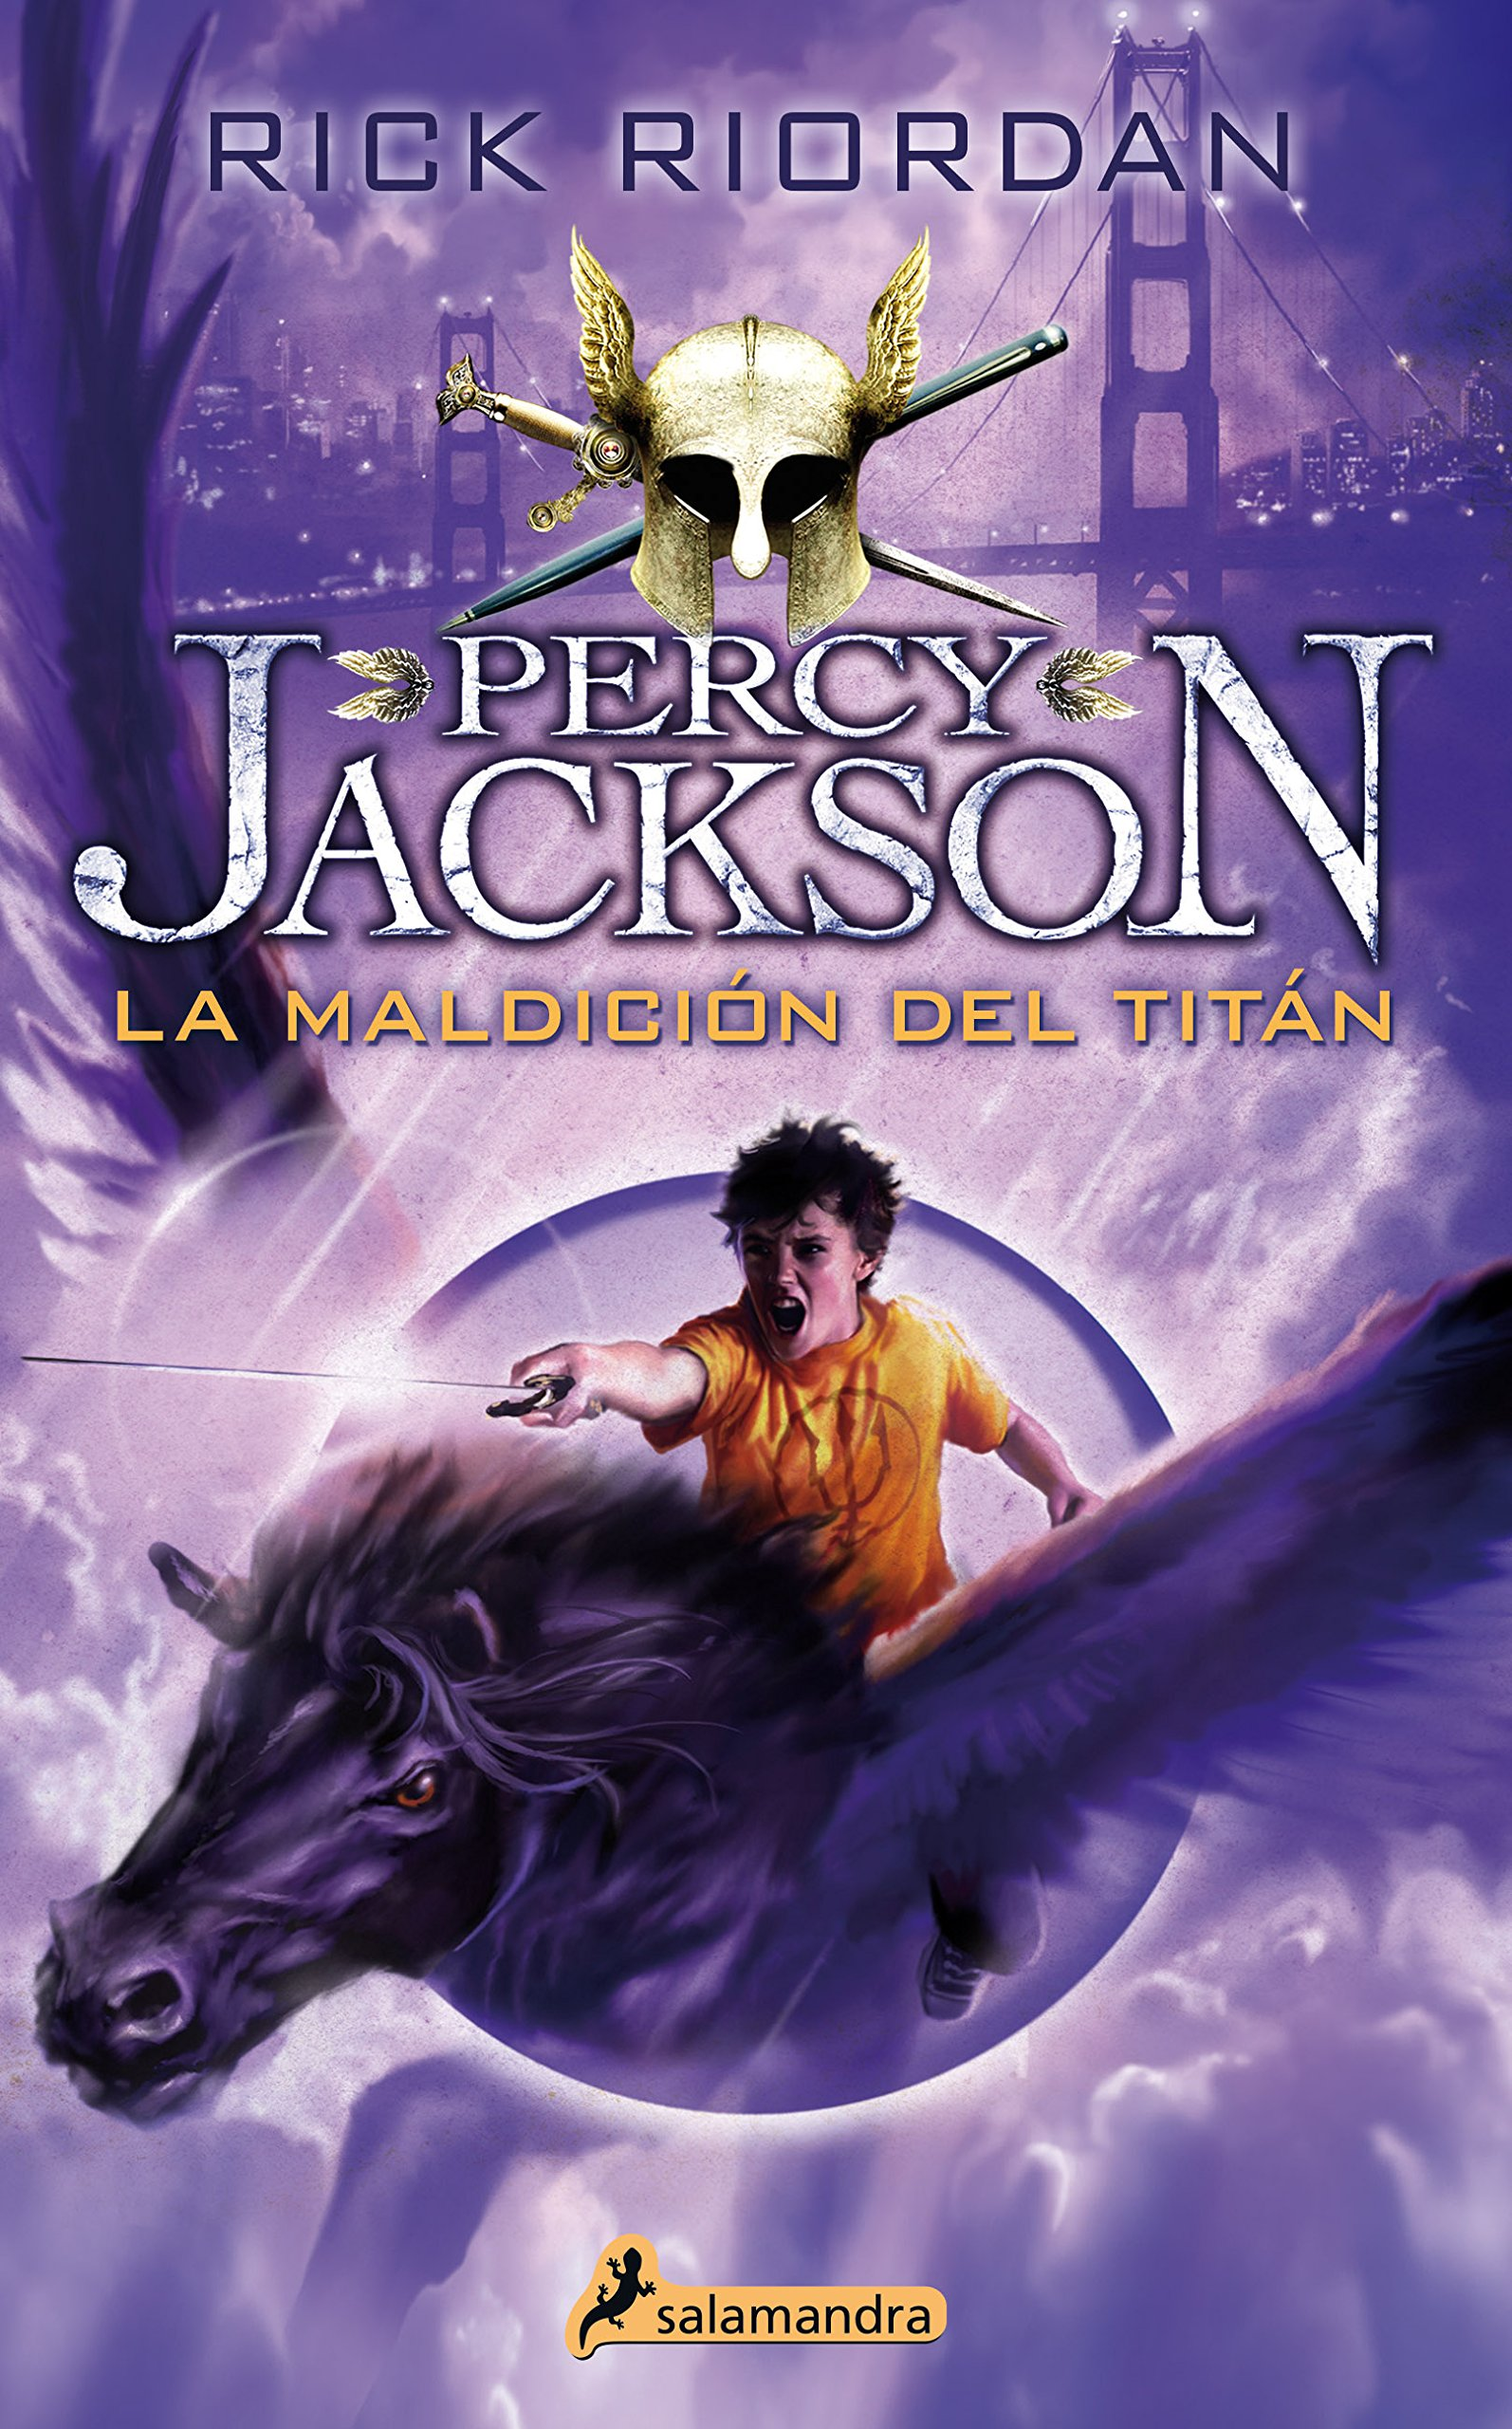 Percy Jackson 03. La maldicion del titan (Percy Jackson y los dioses del Olimpo / Percy Jackson and the Olympians) (Spanish Edition) by Rick Riordan